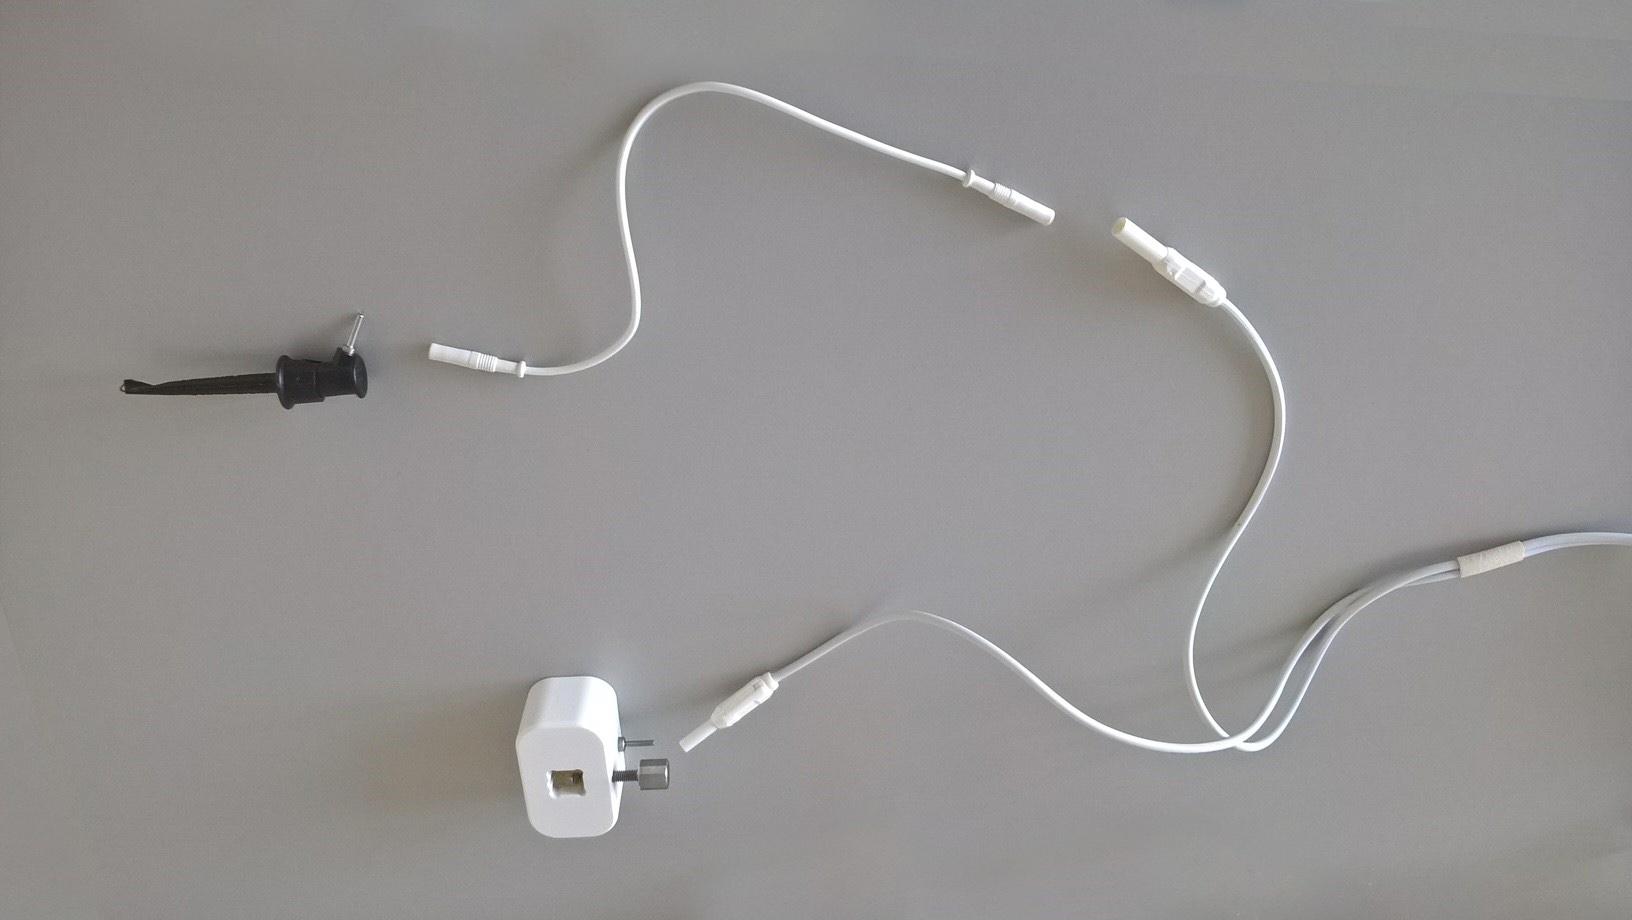 Corretto montaggio dei cavi del nuovo EndoPilot